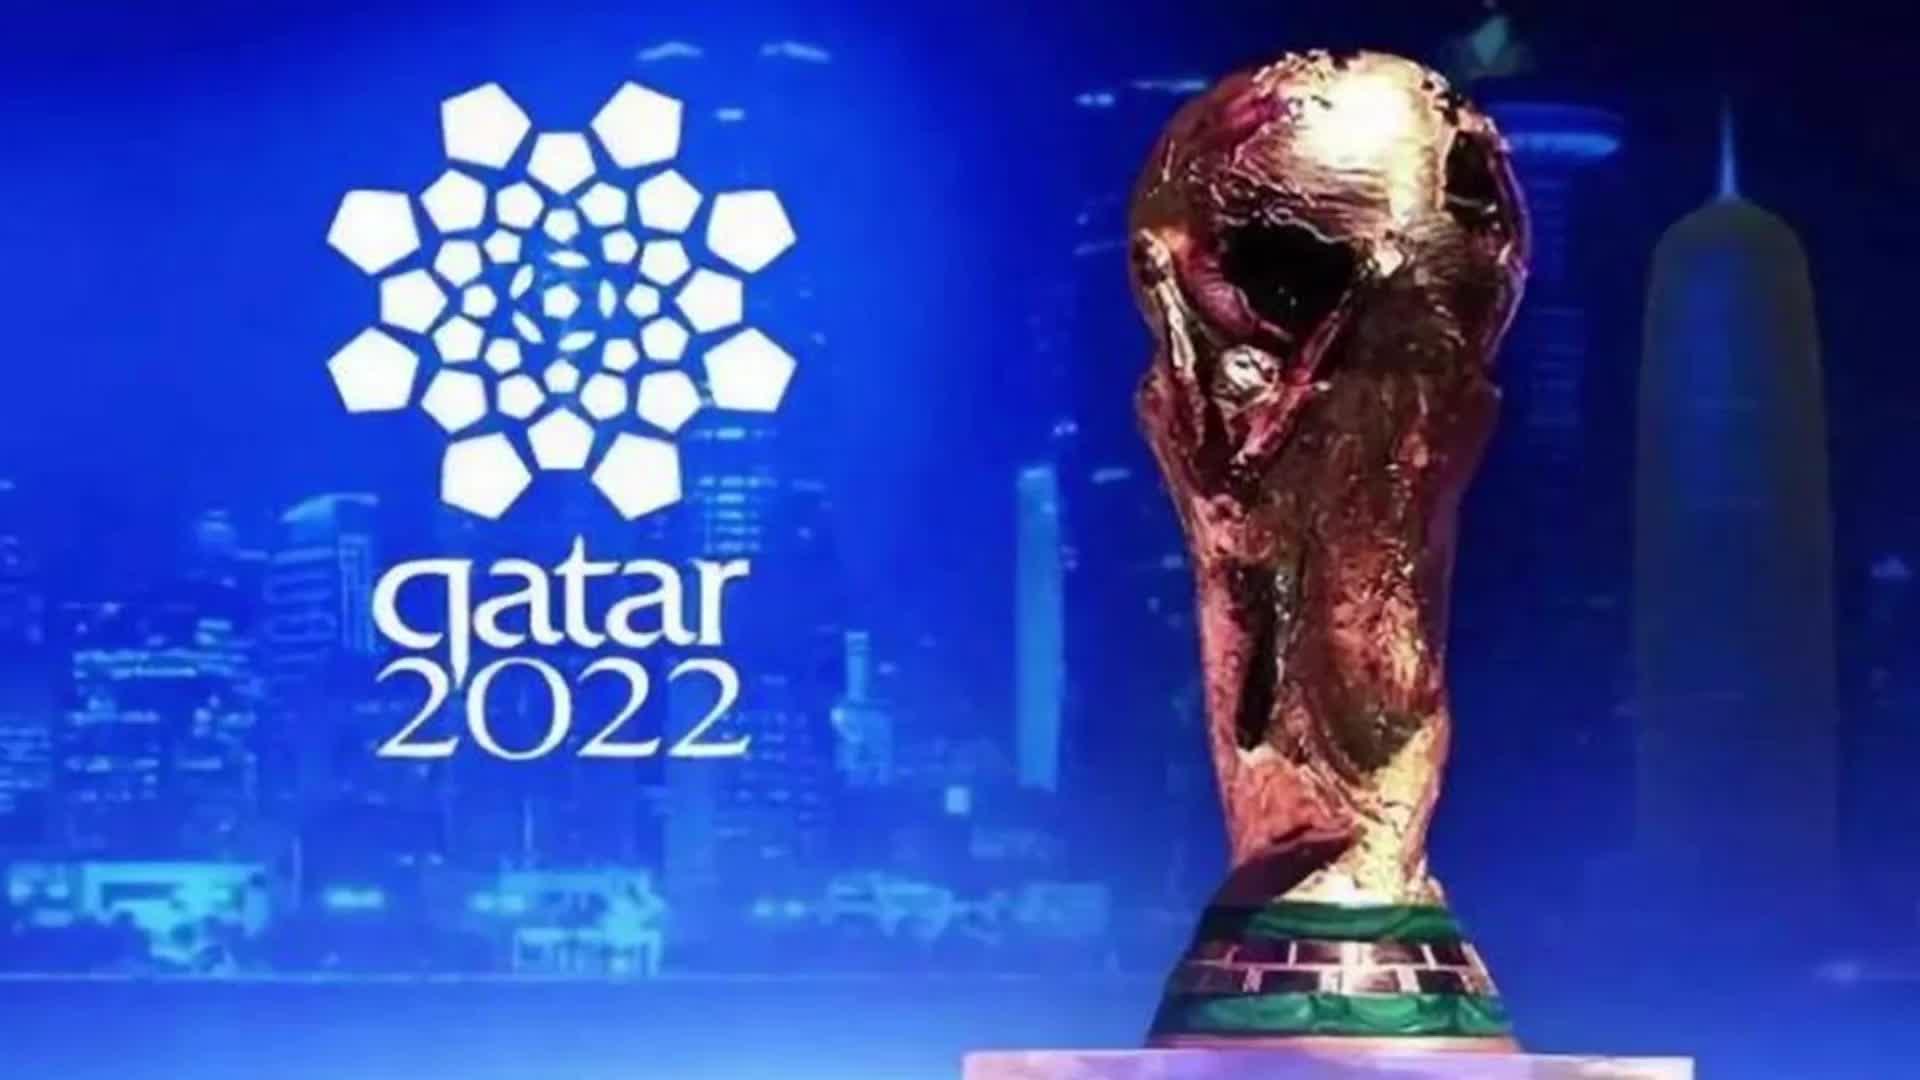 2022世界杯赛程!揭幕战将在11月 冬季进行历史上头一回